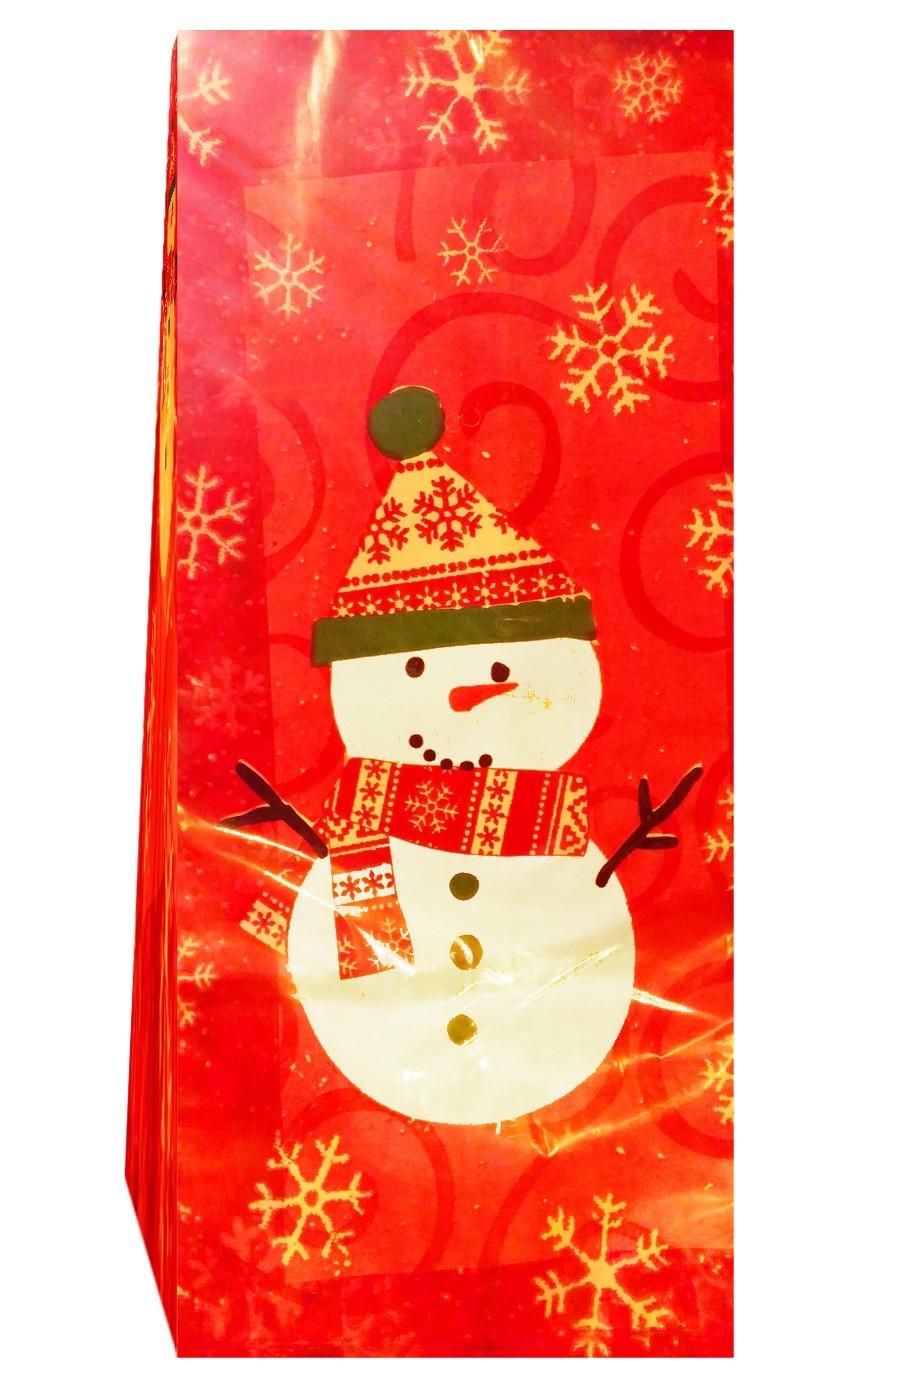 Sacchetti per regali di Natale in nylon con foglie di vischio